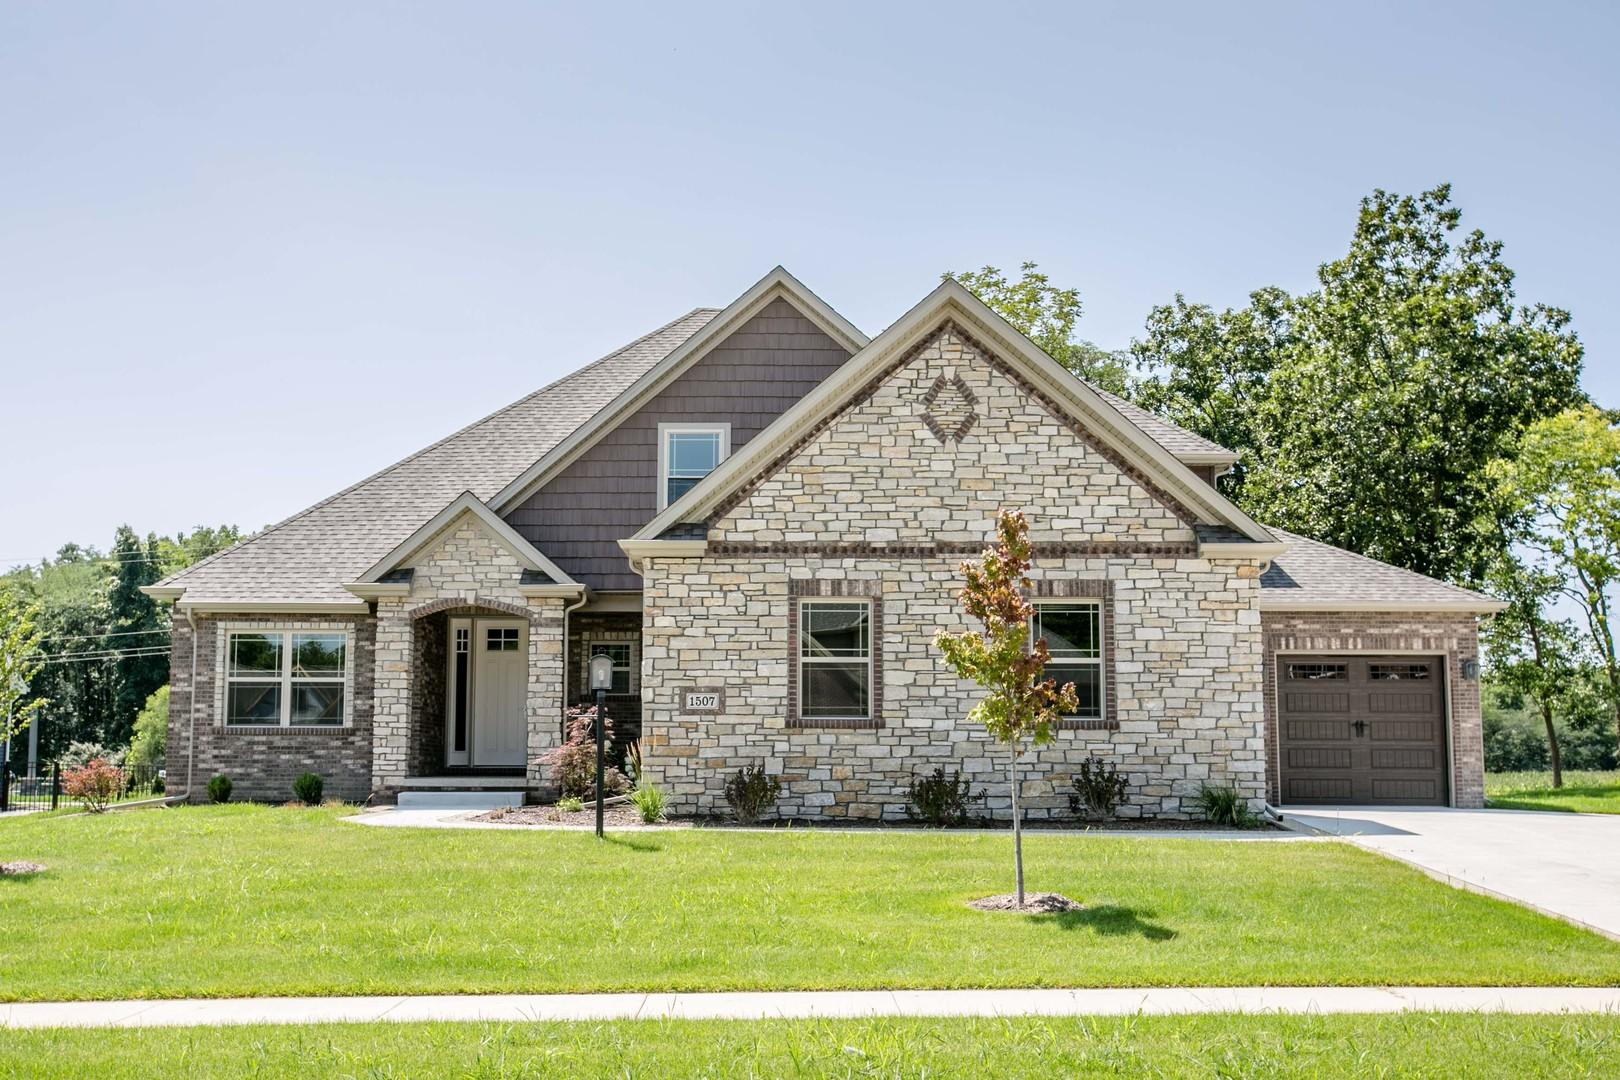 1507 Forest Ridge Drive, Mahomet, IL 61853